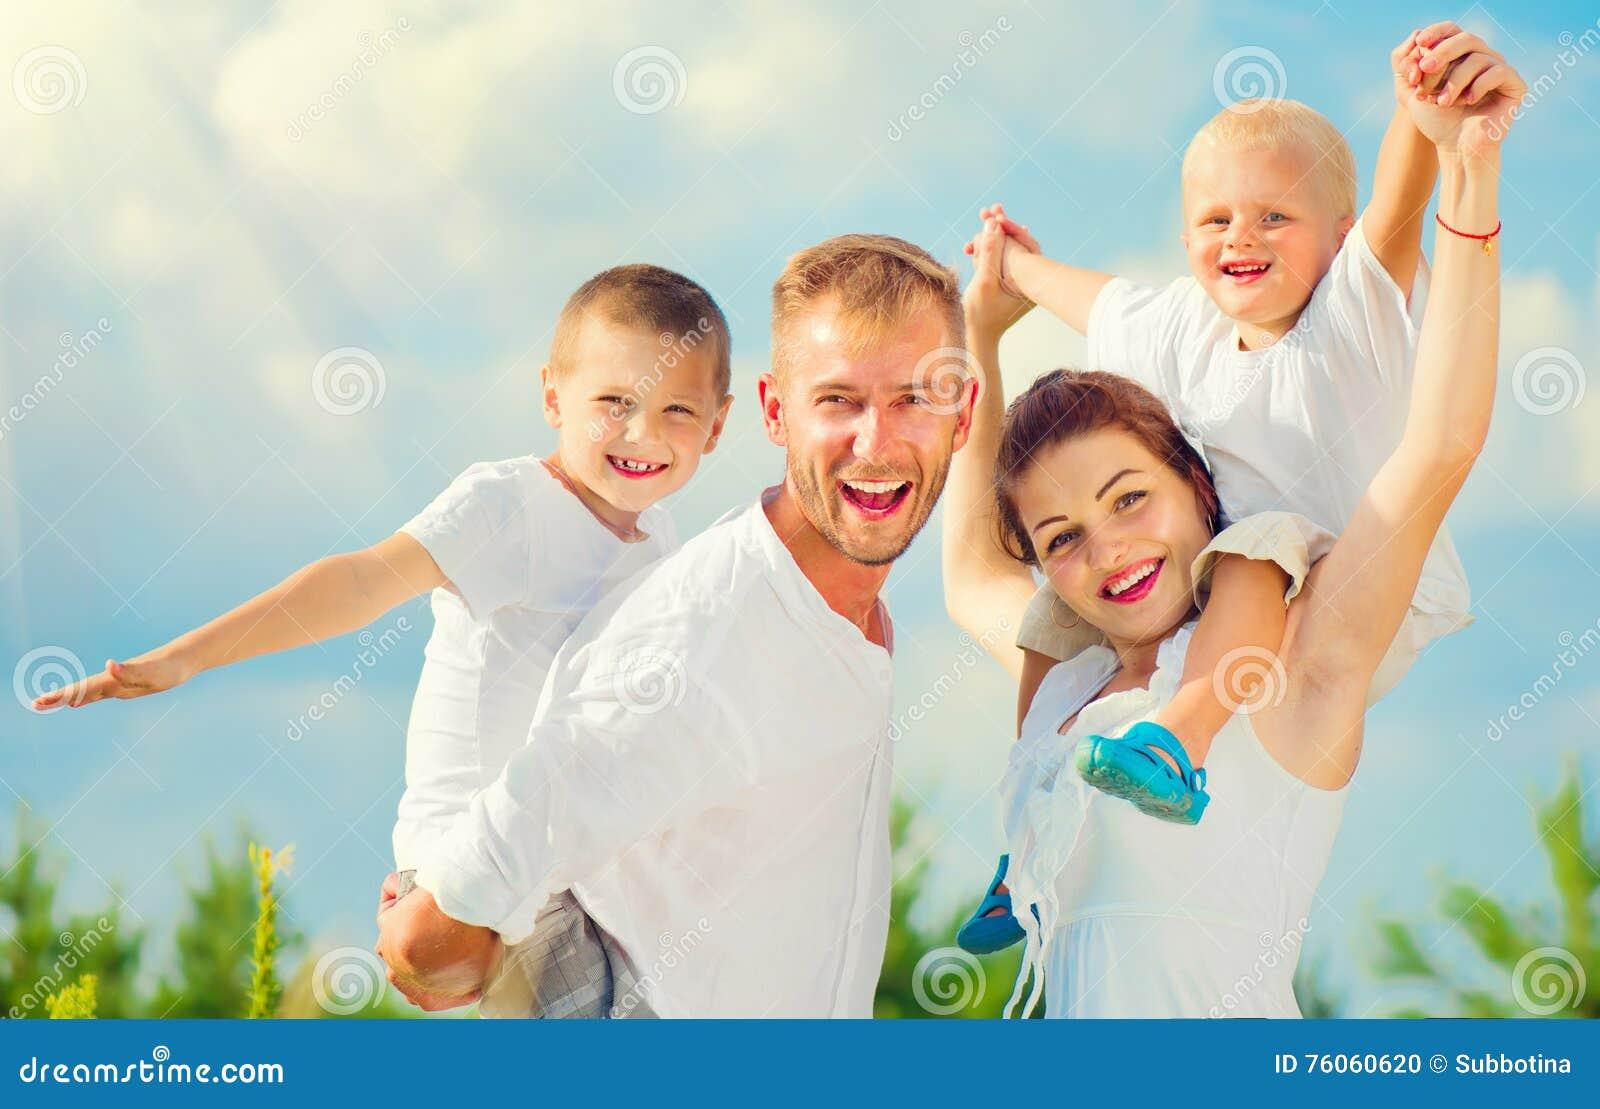 Glückliche junge große Familie, die Spaß zusammen hat